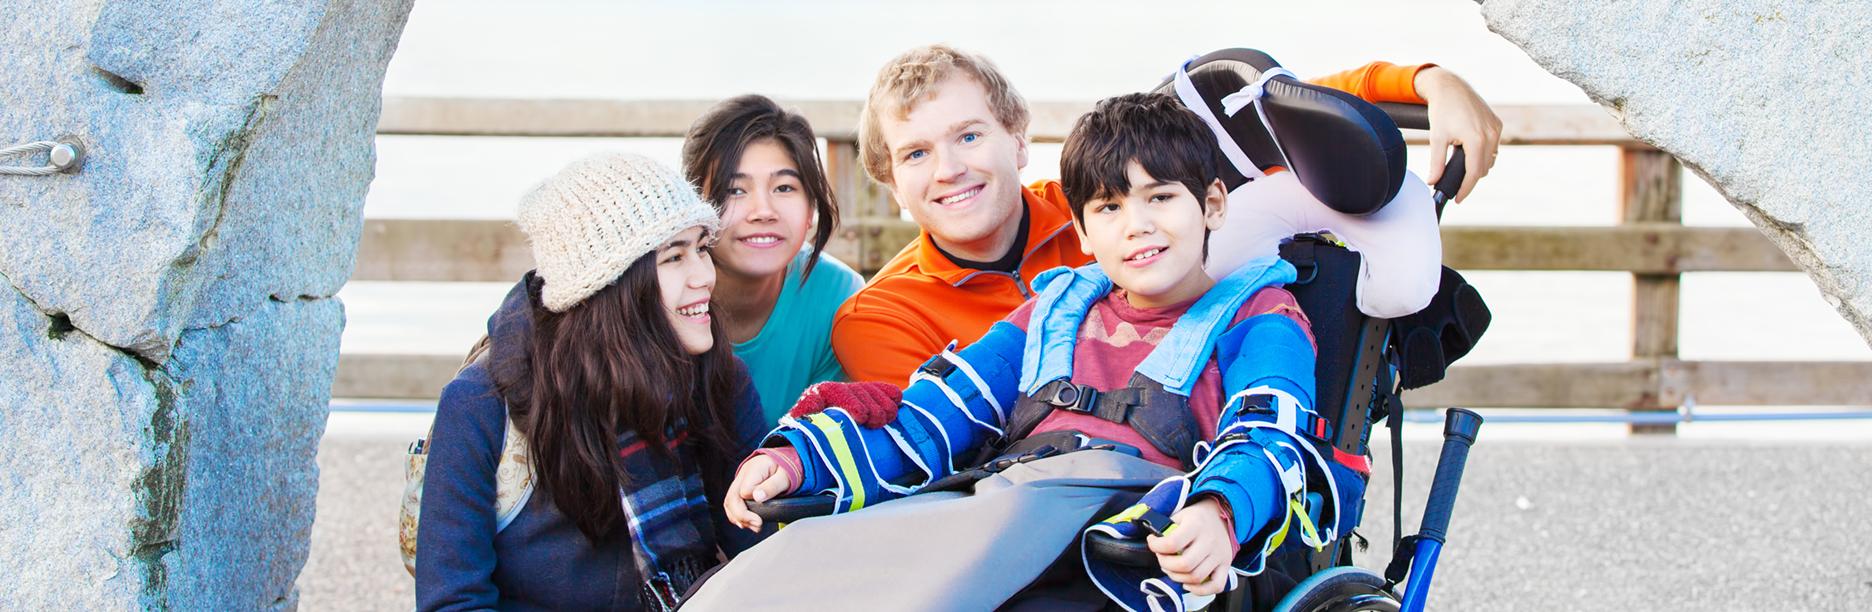 Familie und Inklusion in Unser Netz shutterstock_564392488